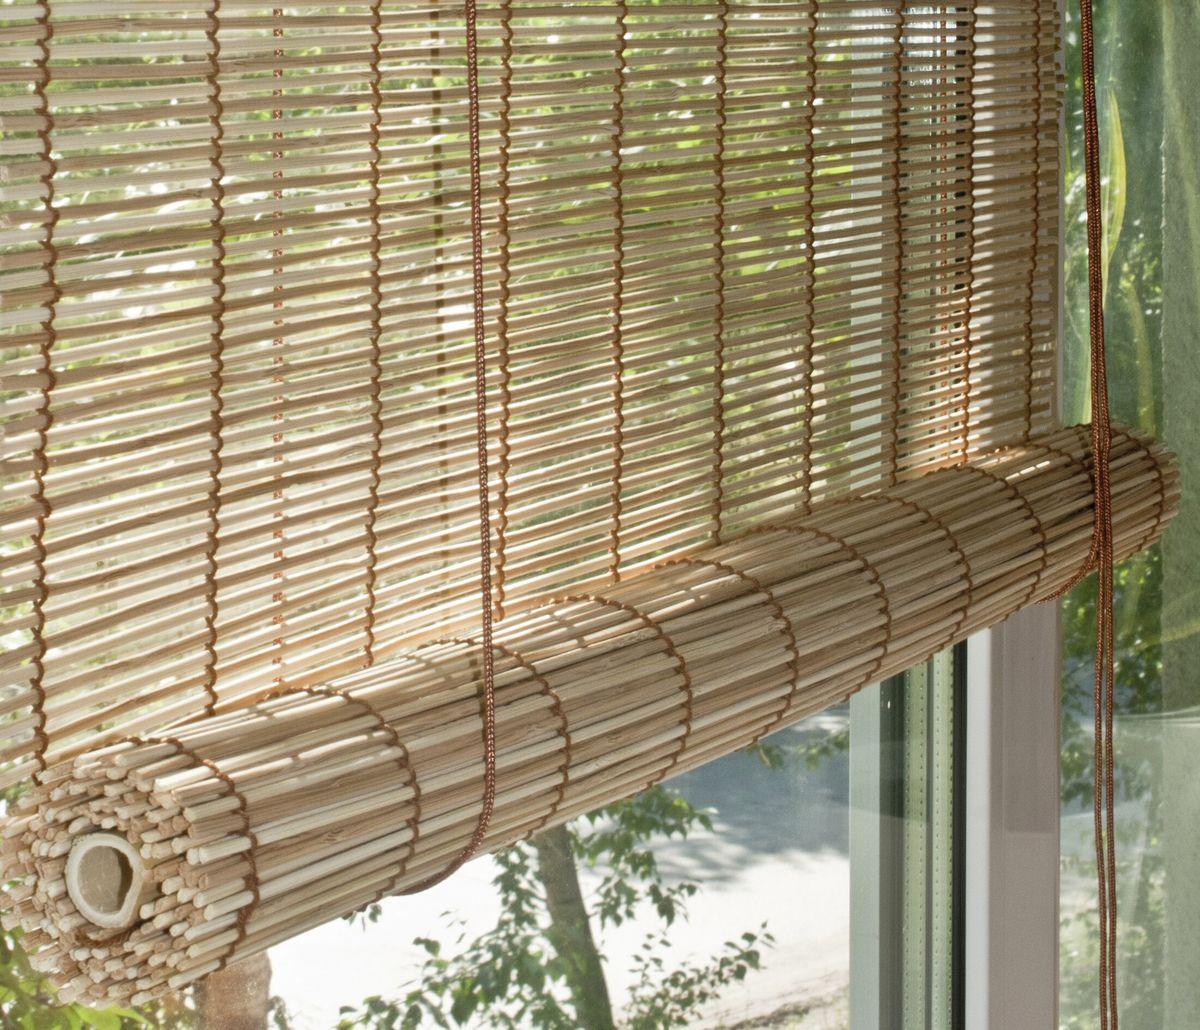 Штора рулонная Эскар Бамбук, цвет: натуральный микс, ширина 100 см, высота 160 см71909100180При оформлении интерьера современных помещений многие отдают предпочтение природным материалам. Бамбуковые рулонные шторы - одно из натуральных изделий, способное сделать атмосферу помещения более уютной и в то же время необычной. Свойства бамбука уникальны: он экологически чист, так как быстро вырастает, благодаря чему не успевает накопить вредные вещества из окружающей среды. Кроме того, растение обладает противомикробным и антибактериальным действием. Занавеси из бамбука безопасно использовать в помещениях, где находятся новорожденные дети и люди, склонные к аллергии. Они незаменимы для тех, кто заботится о своем здоровье и уделяет внимание высокому уровню жизни. Бамбуковые рулонные шторы представляют собой полотно, состоящее из тонких бамбуковых стеблей и сворачиваемое в рулон. Римские бамбуковые шторы, как и тканевые римские шторы, при поднятии образуют крупные складки, которые прекрасно декорируют окно. Особенность устройства полотна позволяет свободно пропускать...